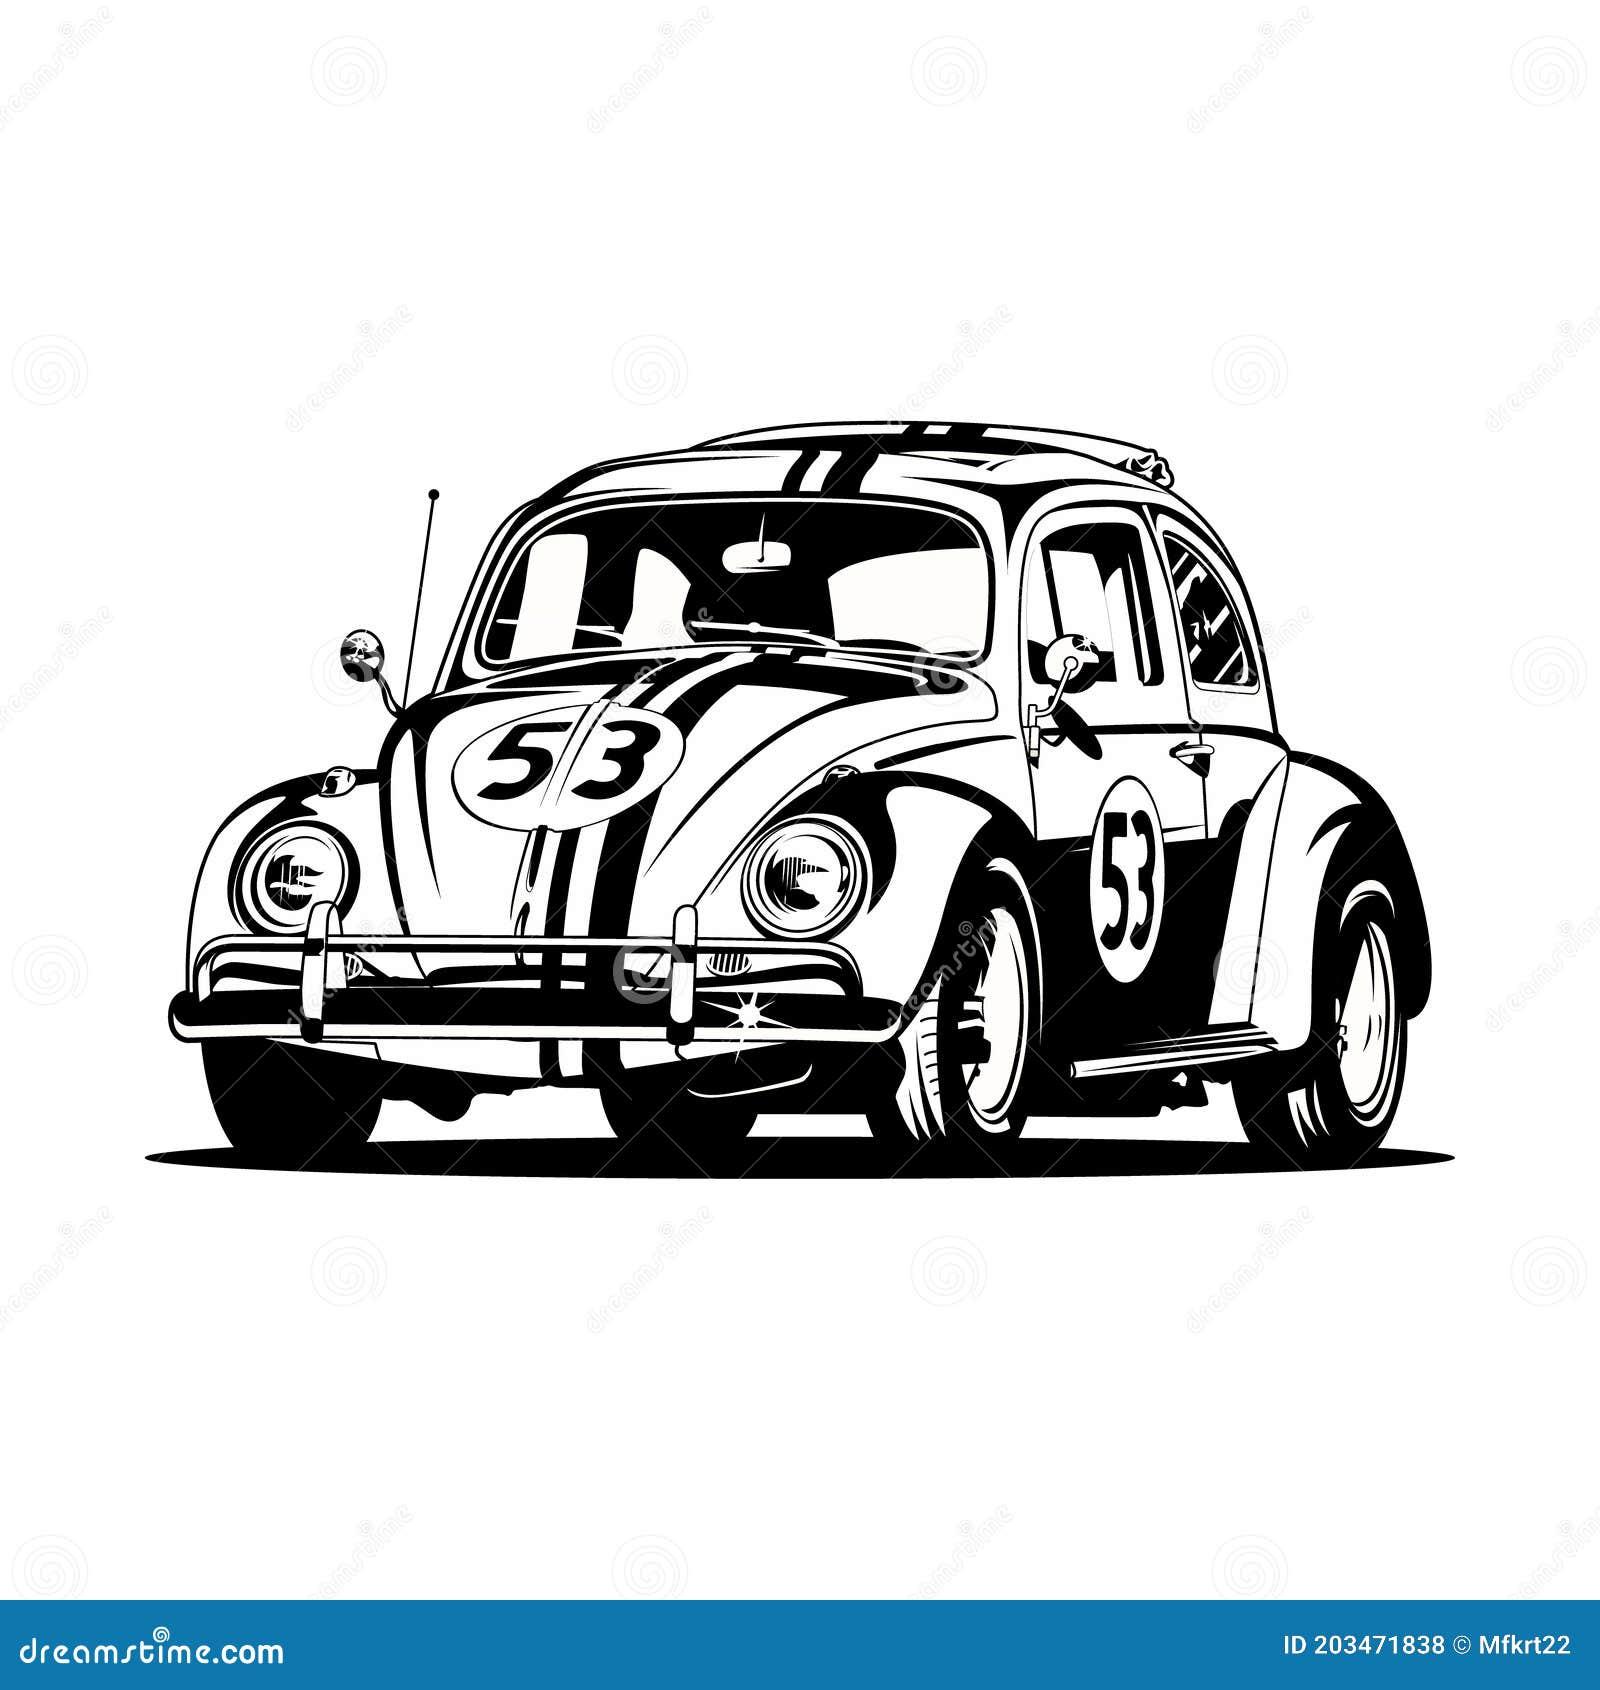 Beetle Car Cartoon Stock Illustrations 318 Beetle Car Cartoon Stock Illustrations Vectors Clipart Dreamstime